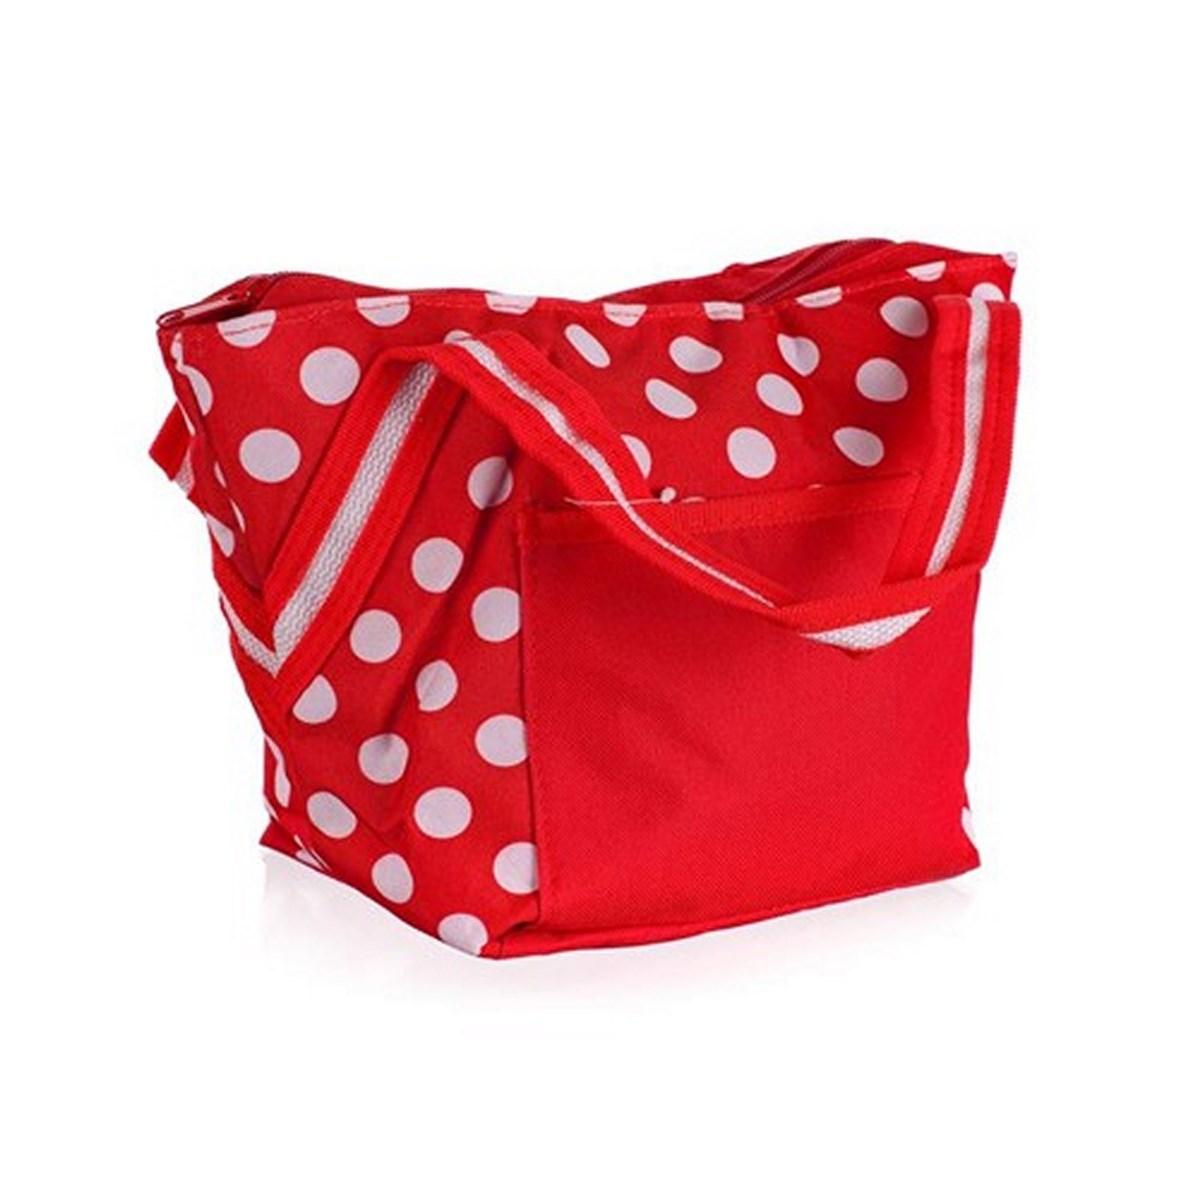 Chladící taška, červená s bílými puntíky, 8 l